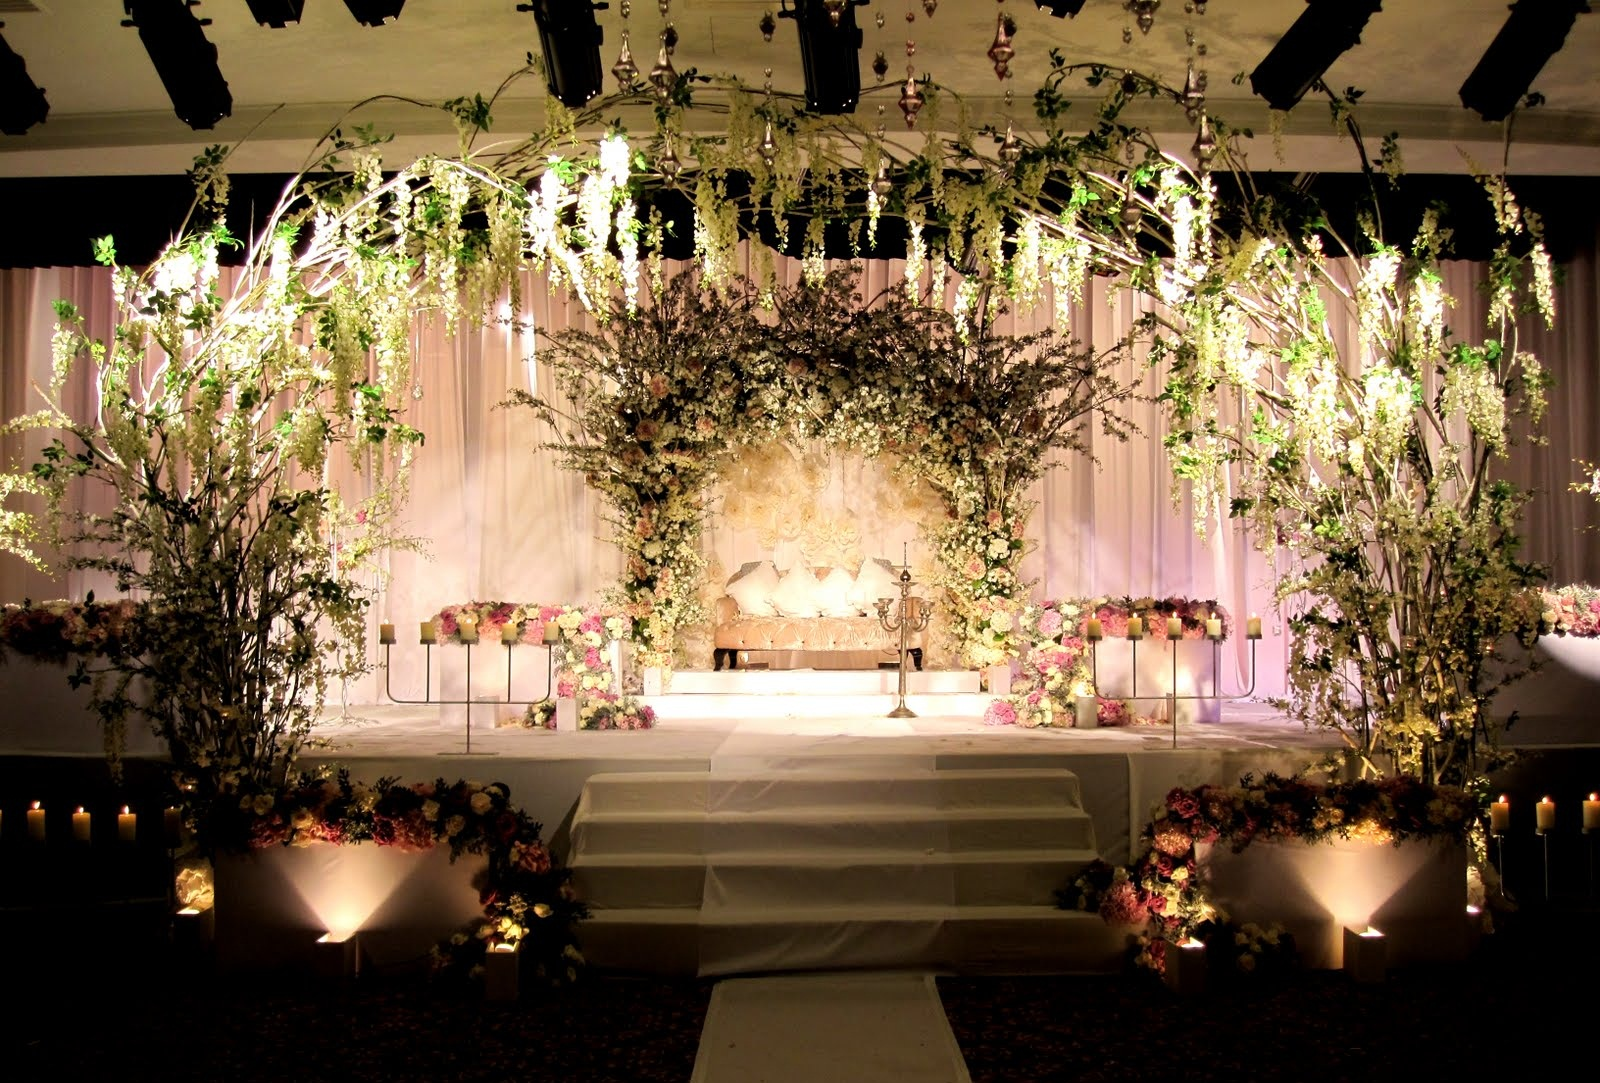 Unforgettable Garden Wedding Decor: Weddings & Events Decoration